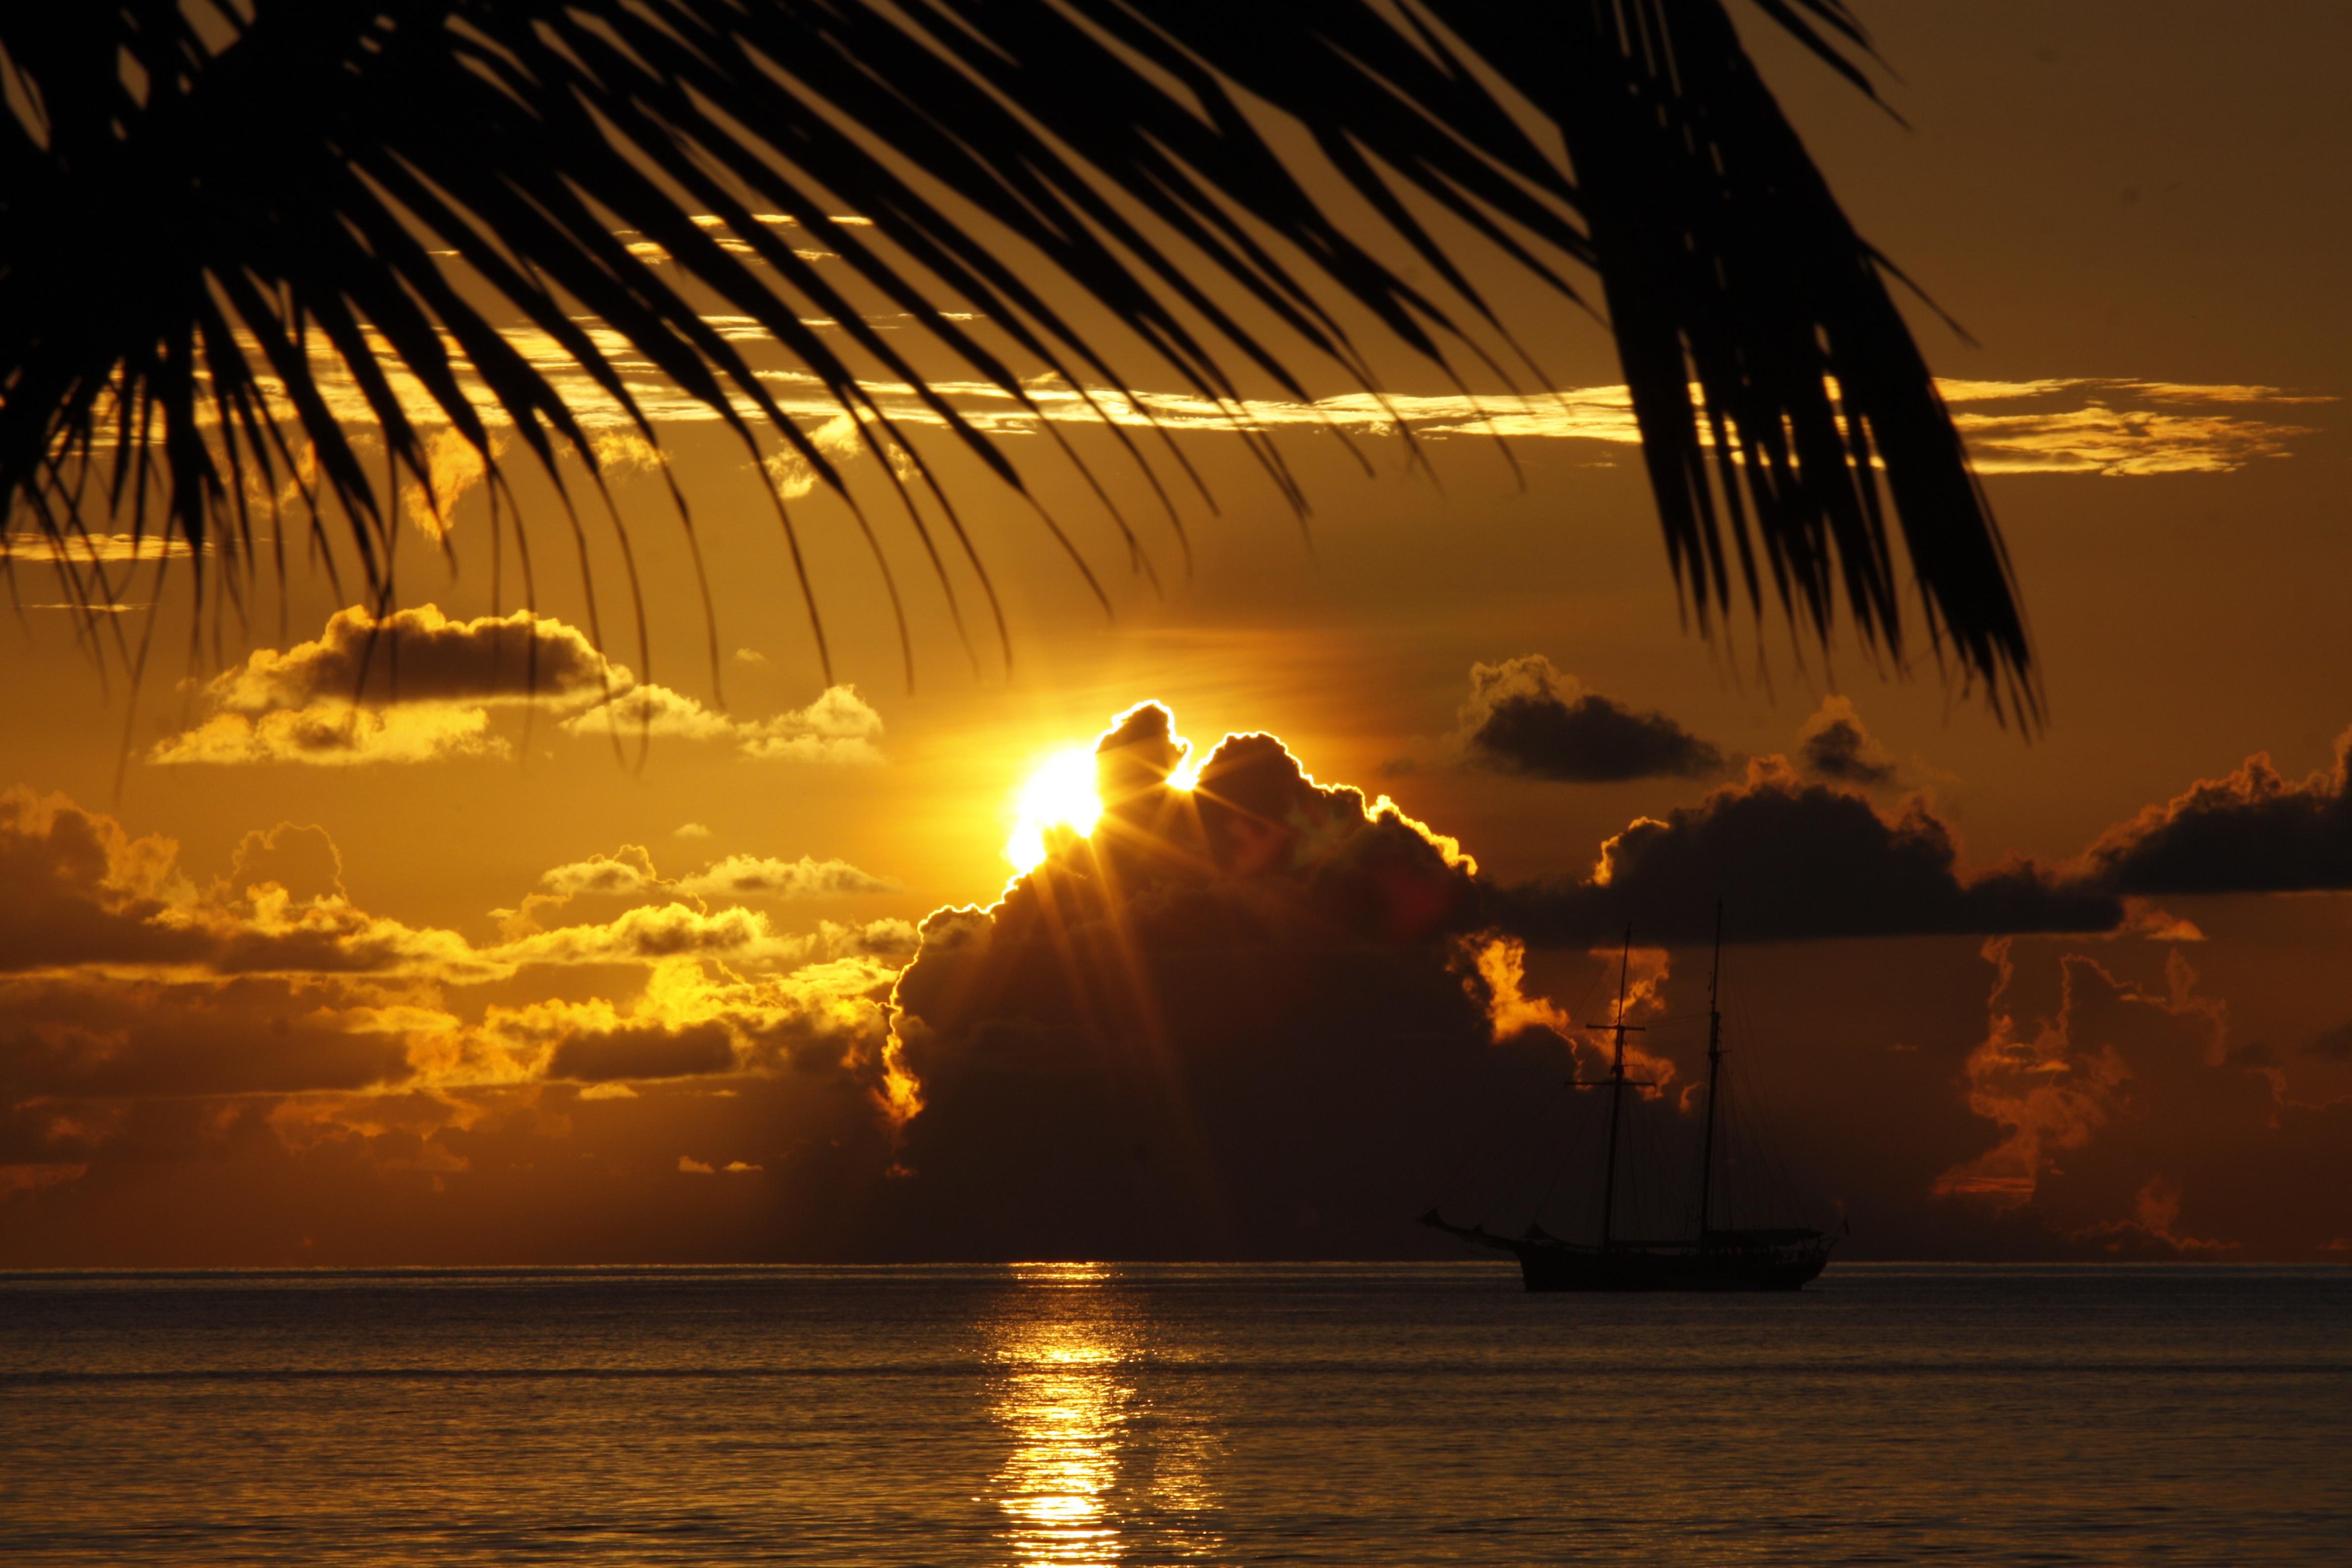 резинок можно фотообои для рабочего стола море солнце закат семье полагались привилегии